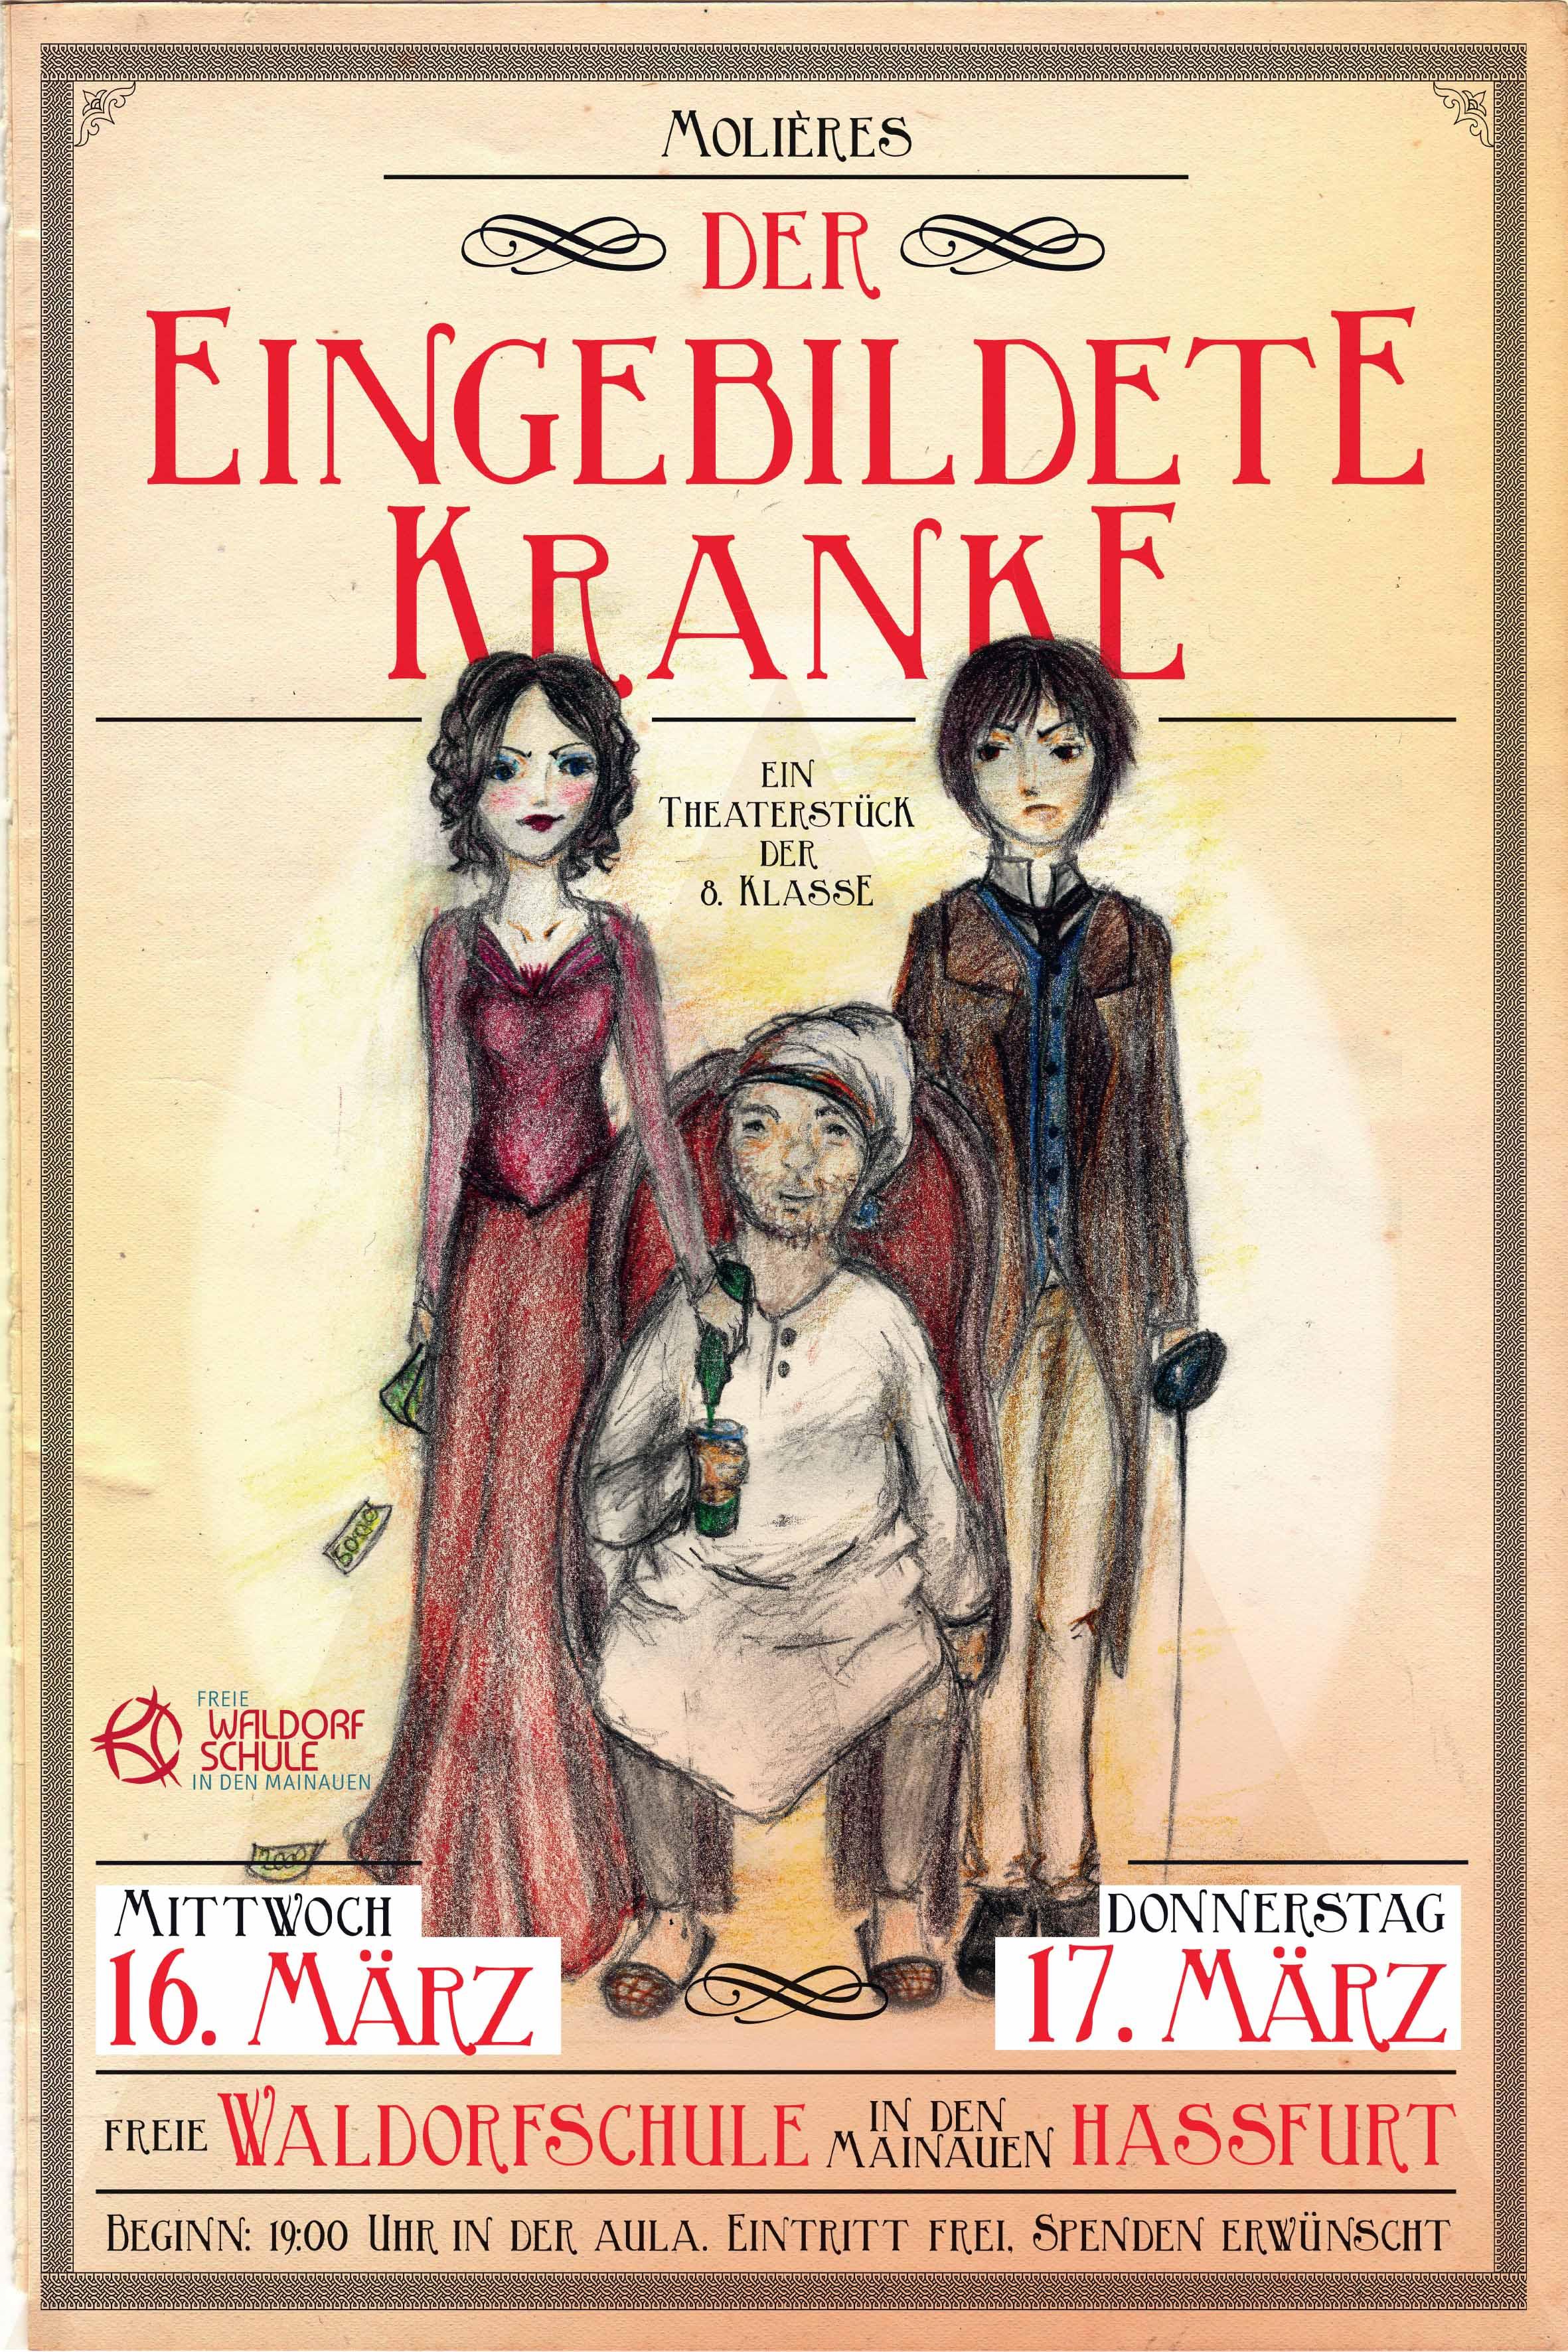 Theaterstück der 8. Klasse – Der eingebildete Kranke